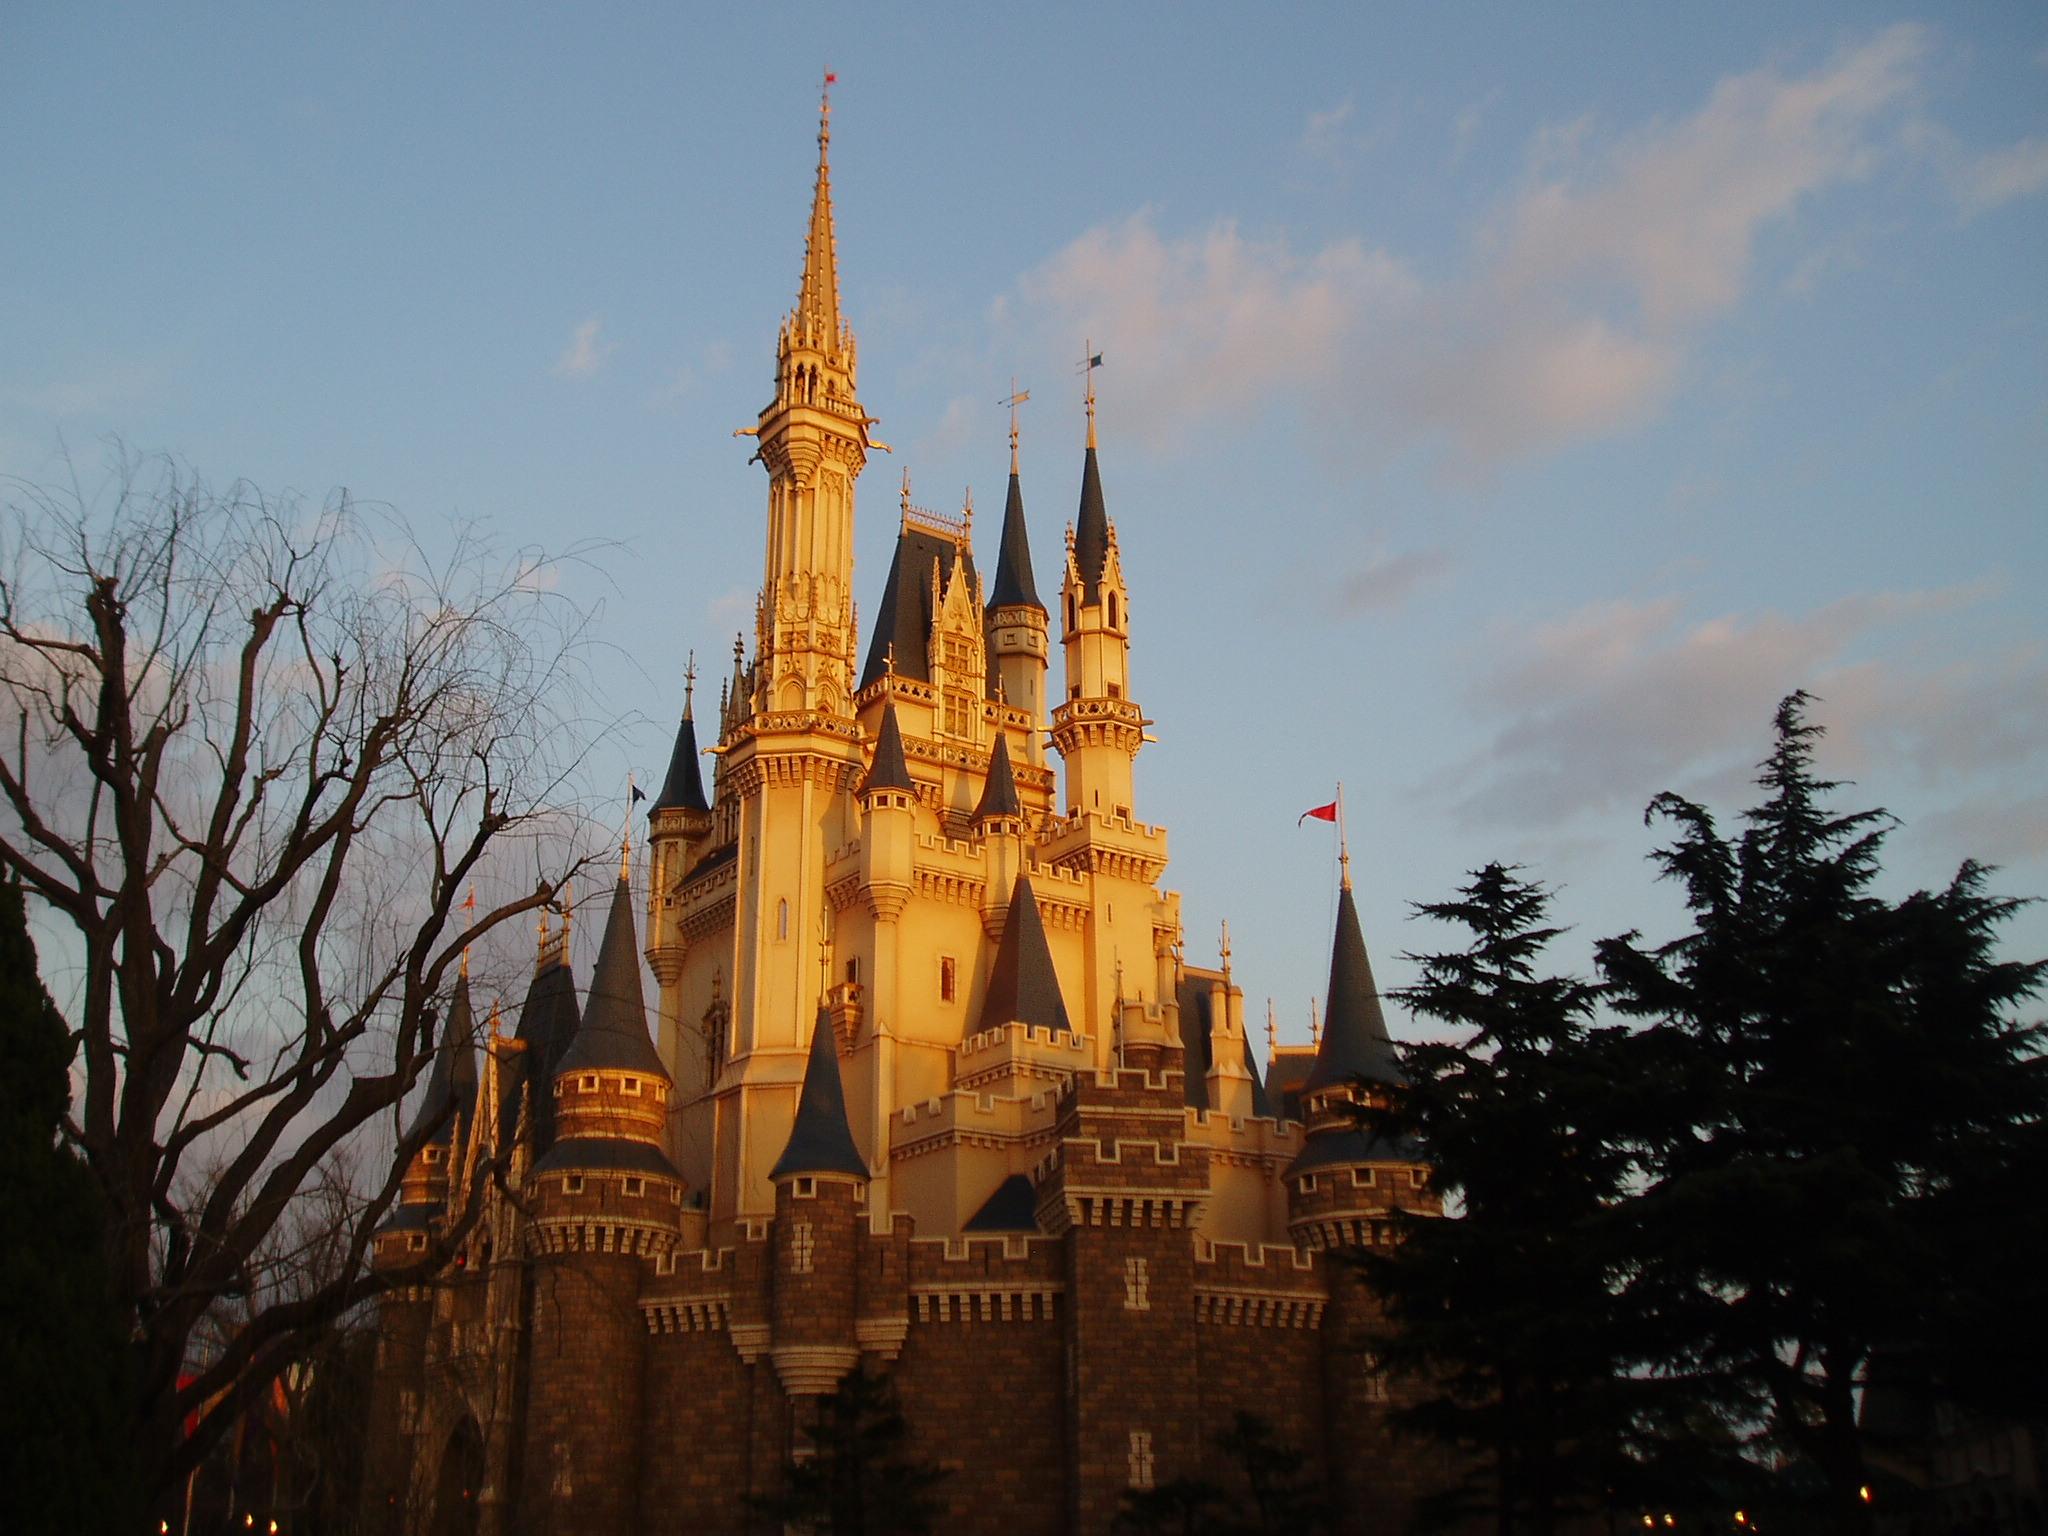 落日城堡场景素材超清